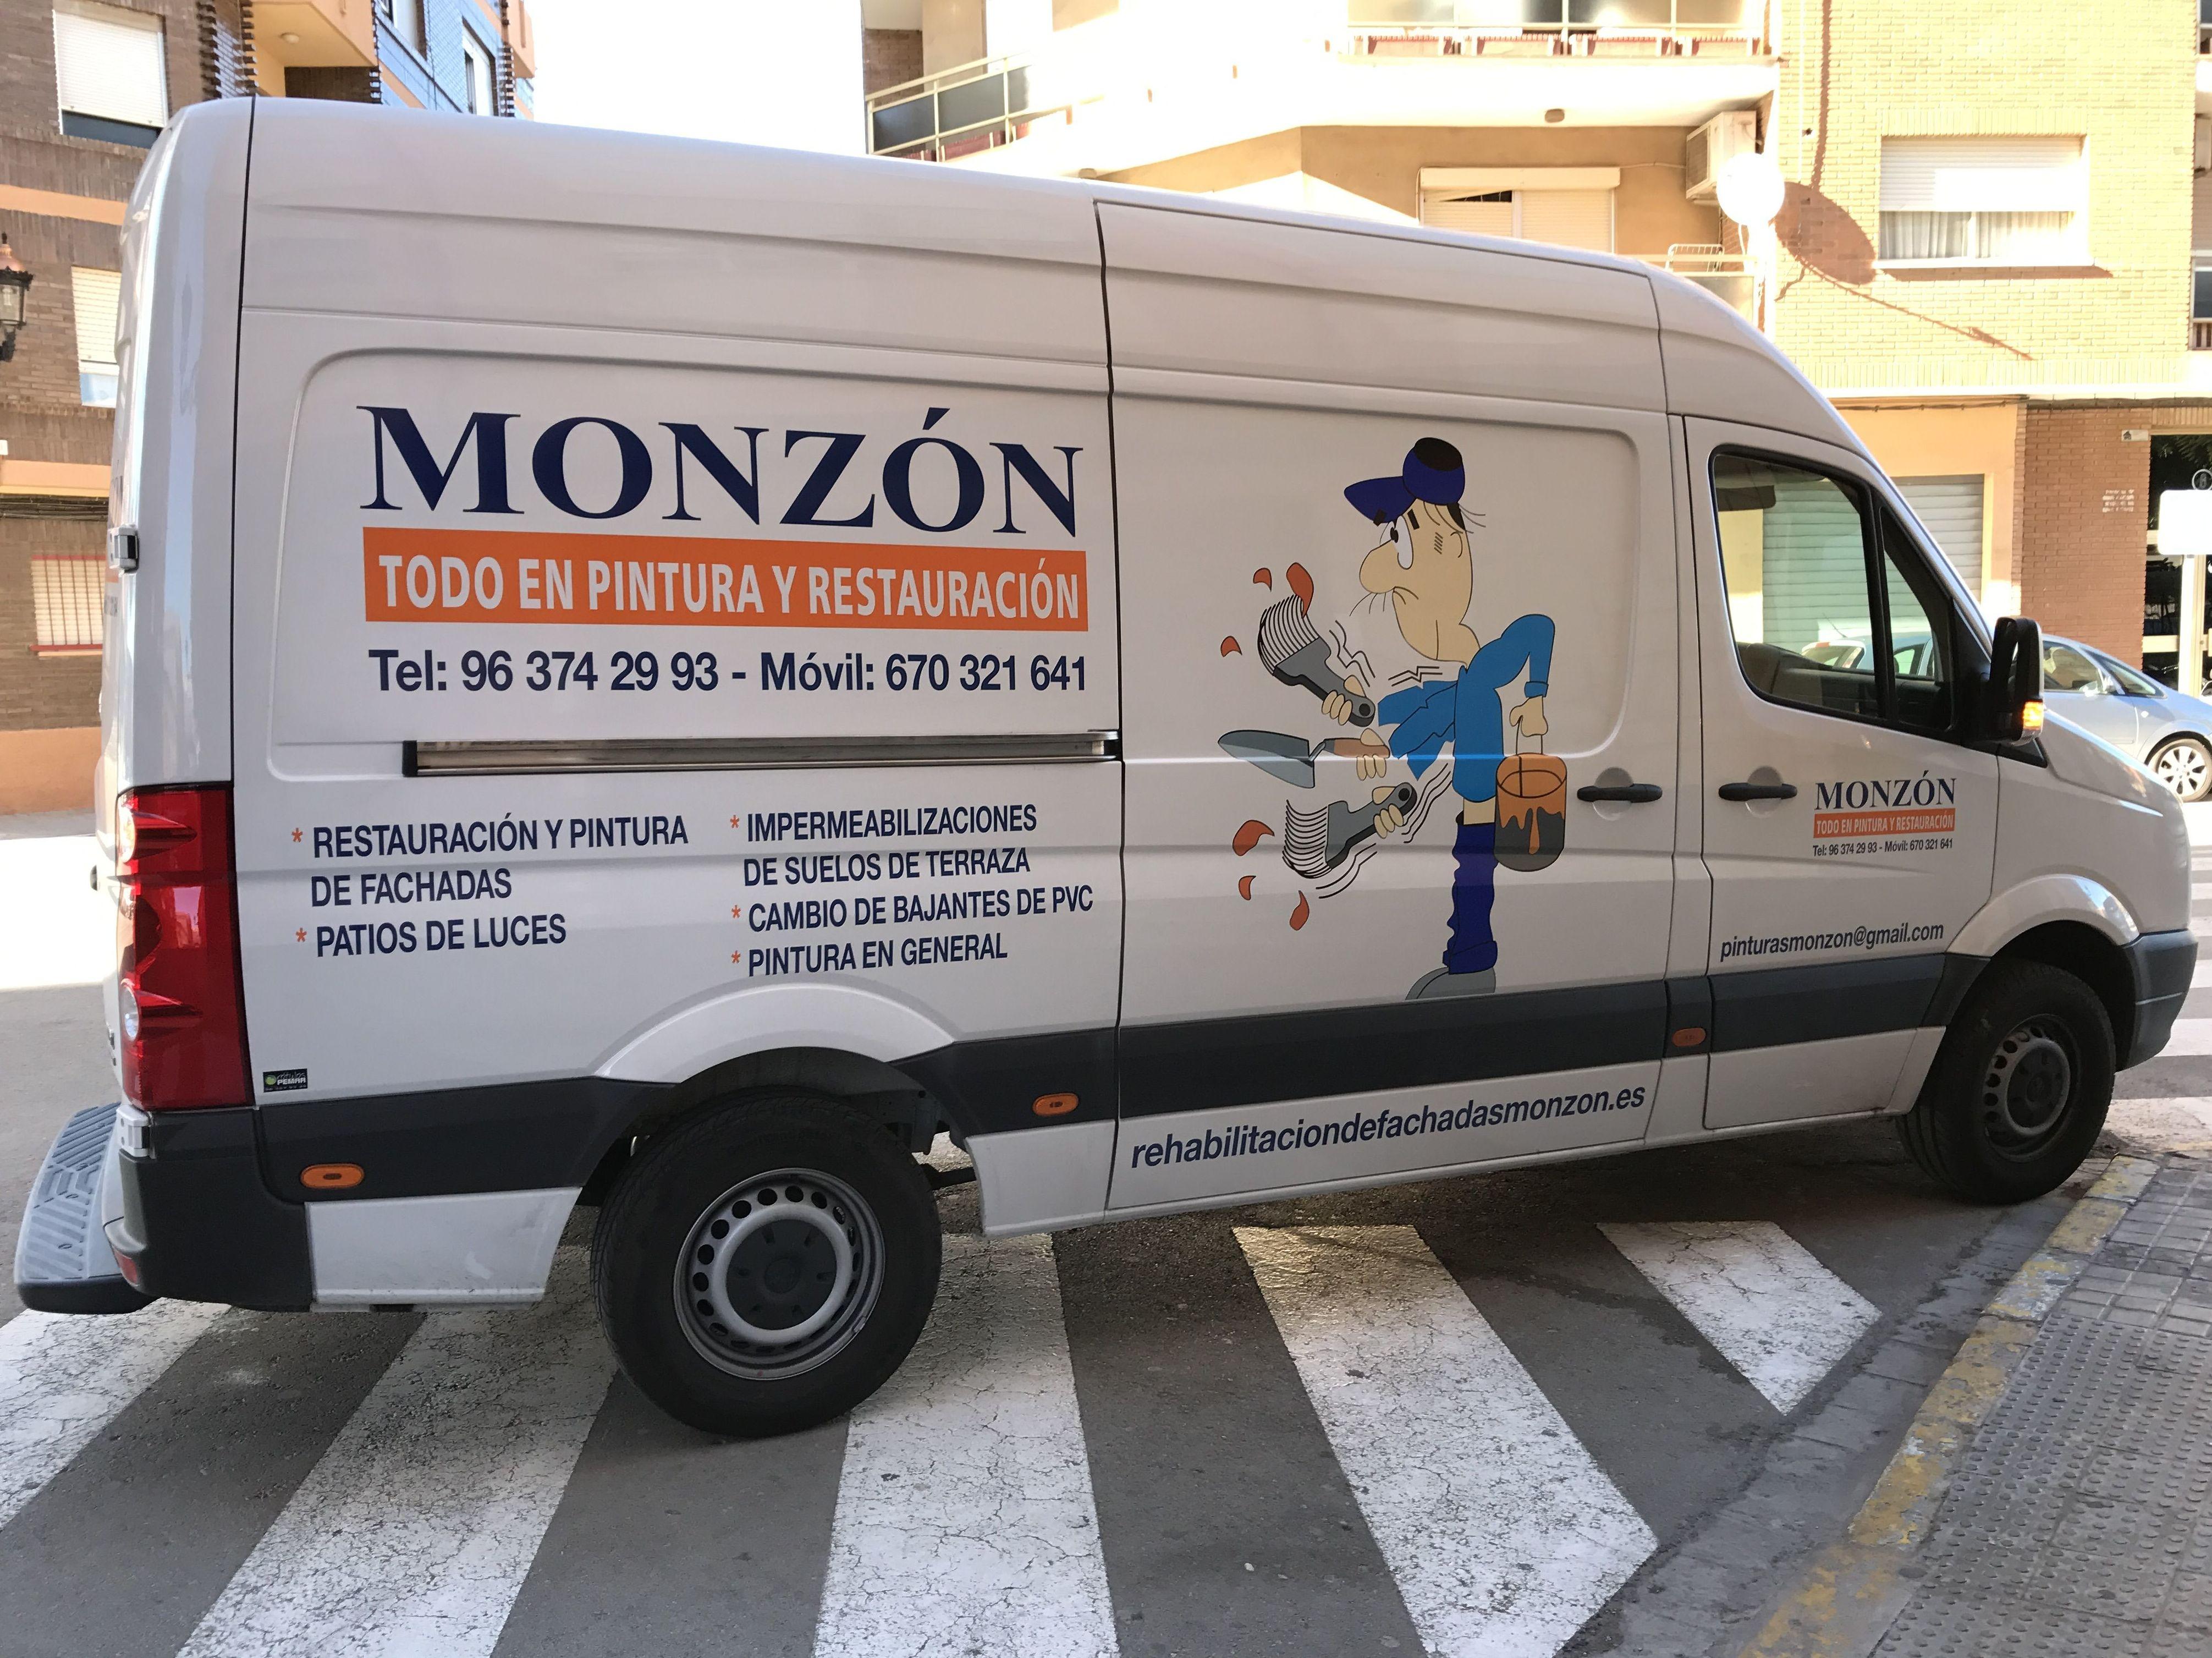 Restauraciones Monzón